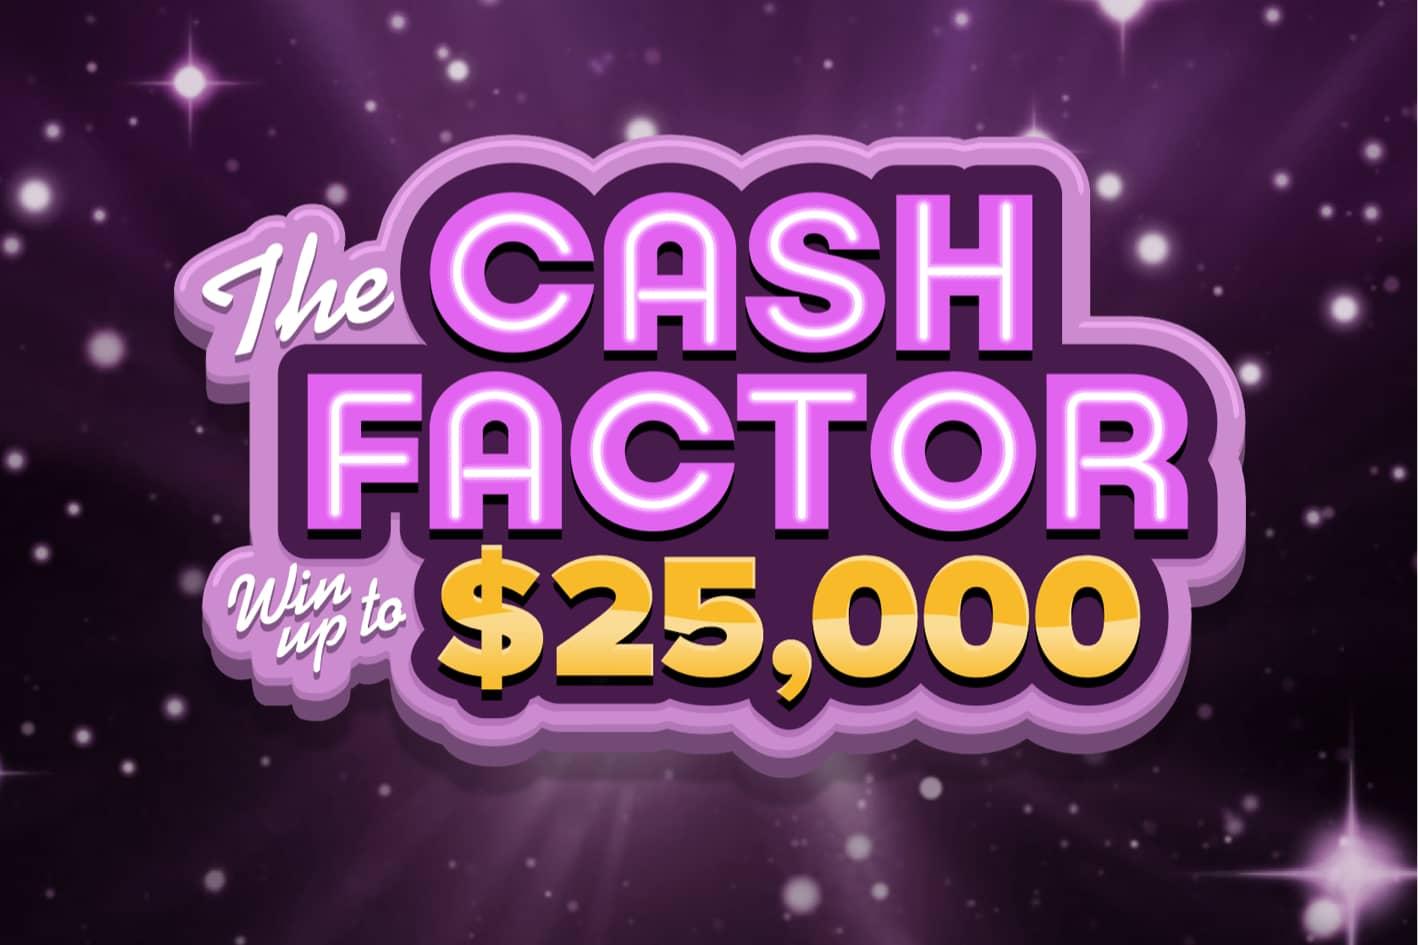 Cash Factor 25K